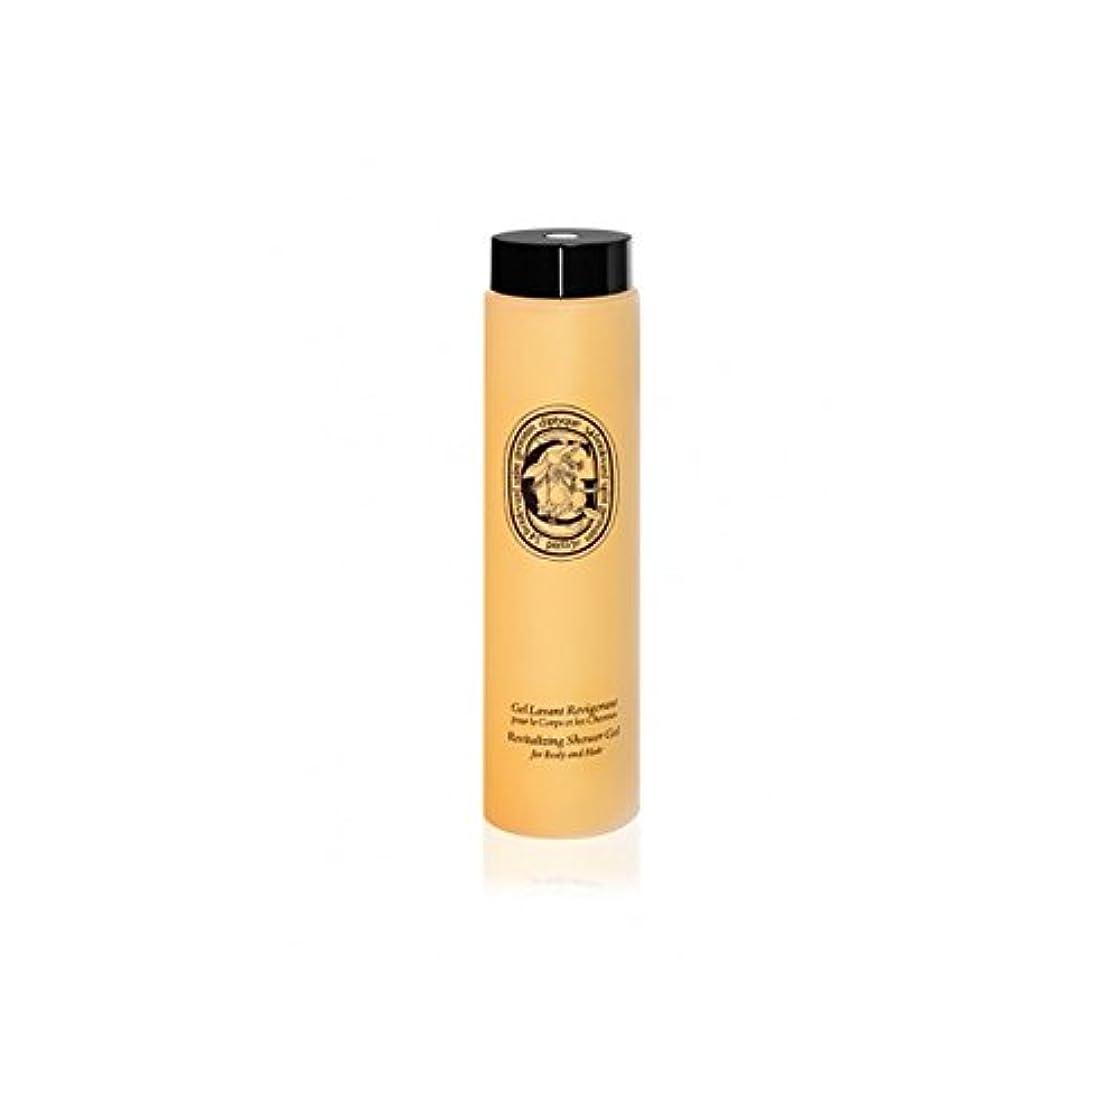 小包クルー口述ボディ、ヘア200ミリリットルのためDiptyqueのリバイタライジングシャワージェル - Diptyque Revitalizing Shower Gel For Body And Hair 200ml (Diptyque...